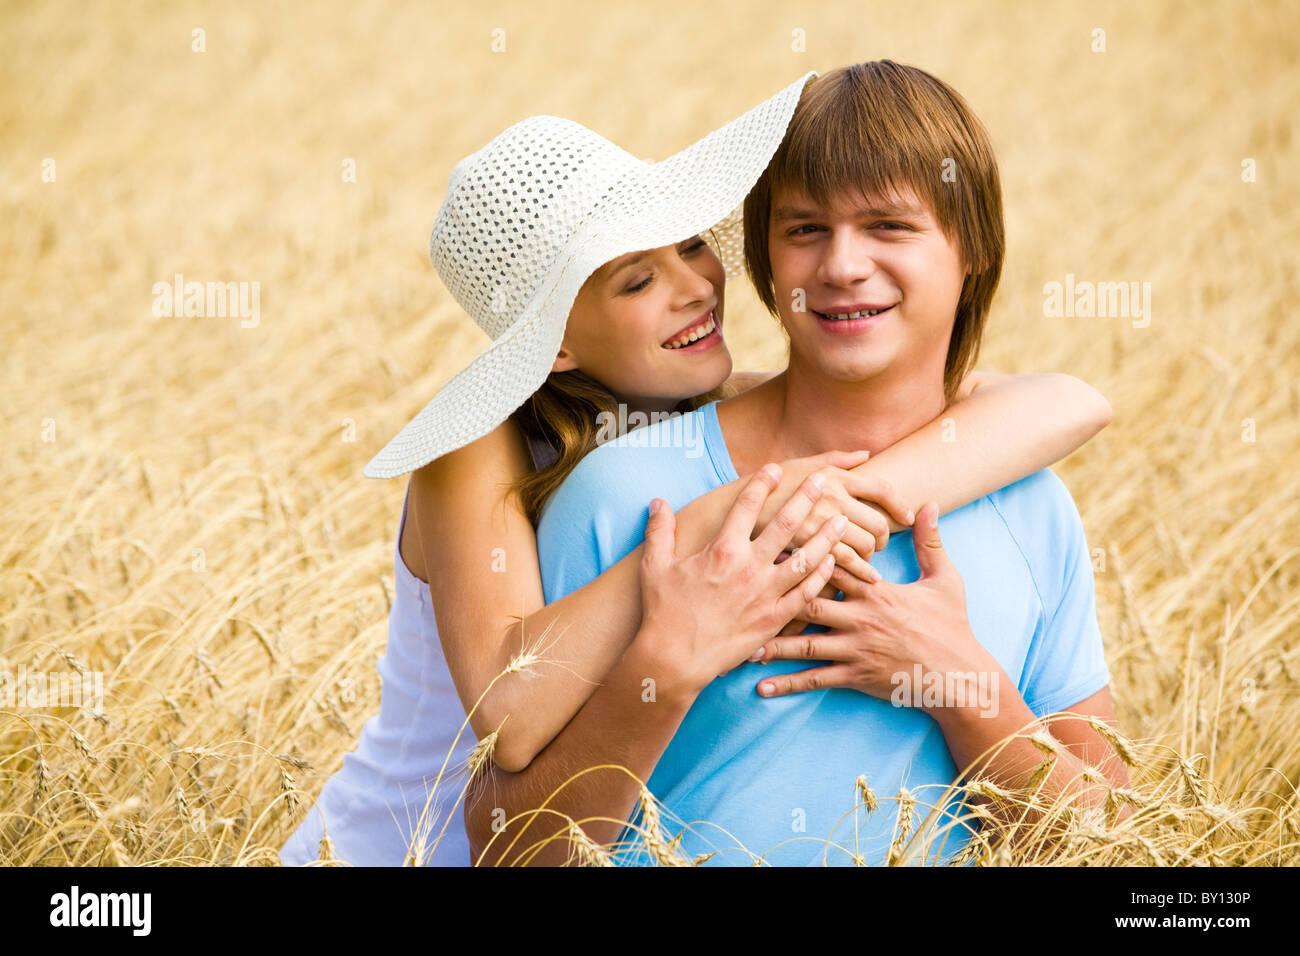 Droit de l'adjudication girl hugging son petit ami et de le regarder amoureusement Photo Stock